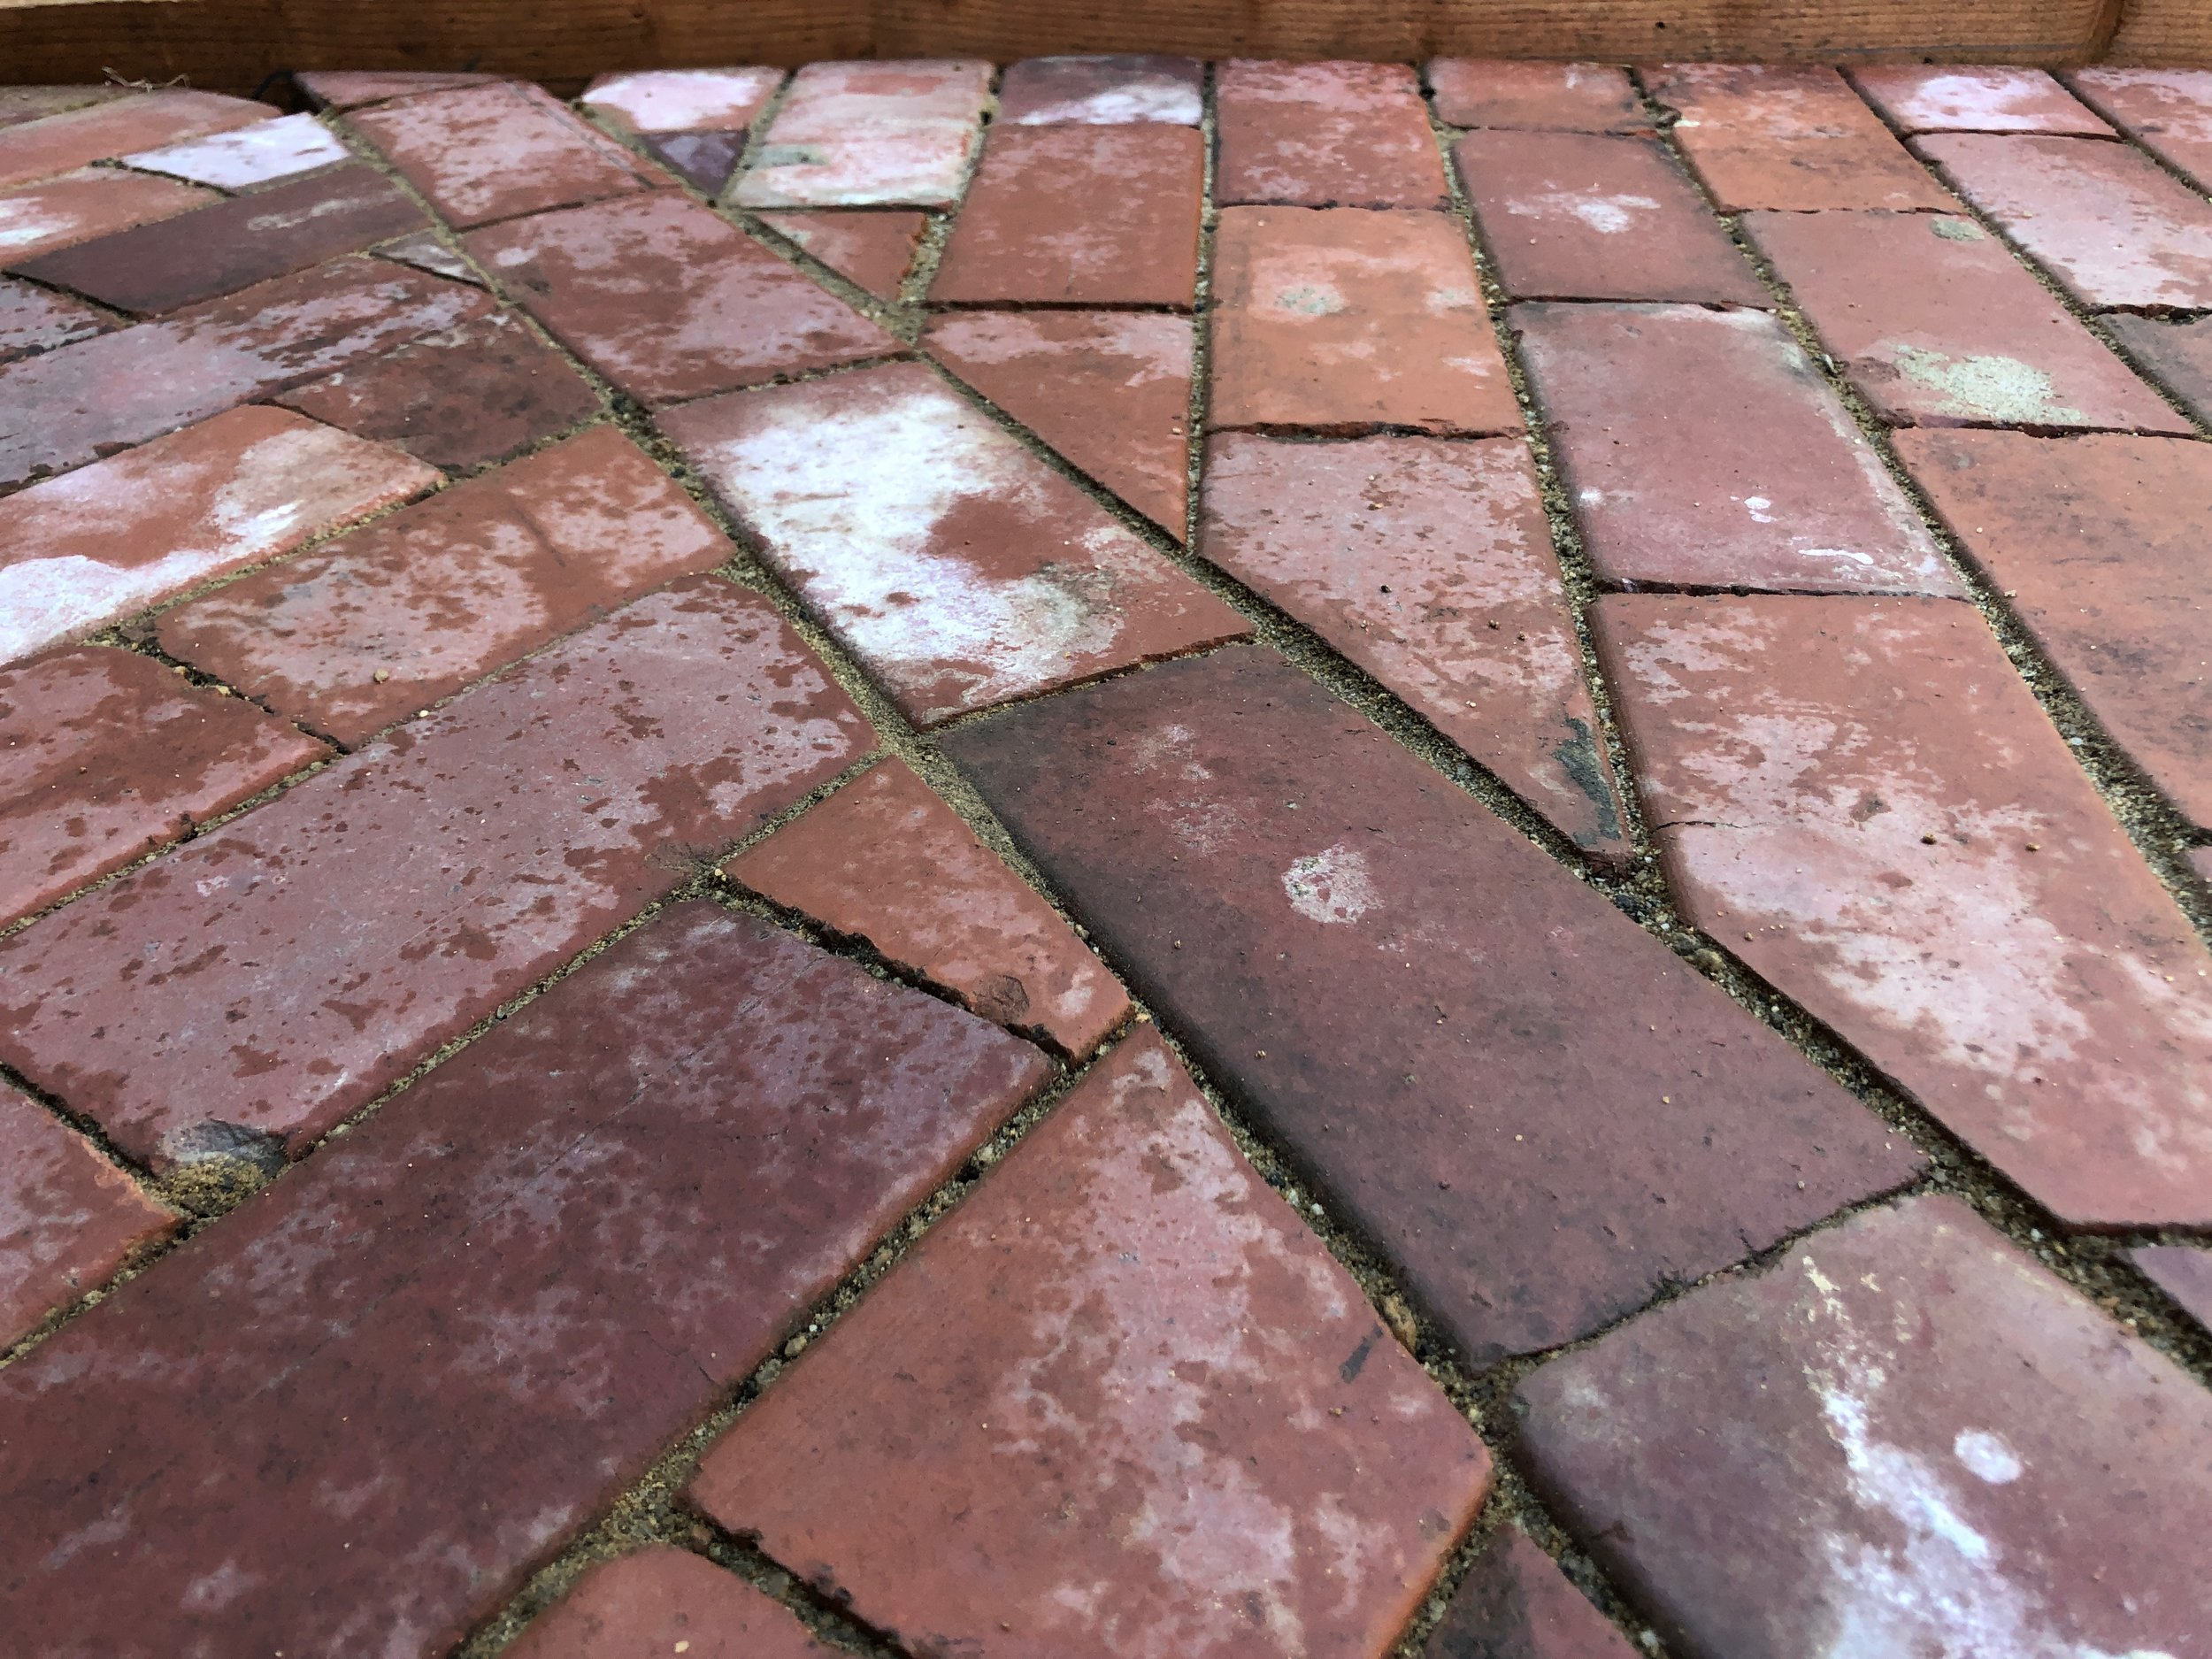 Humboldt_Brick_Entrance_MisAligned Grids.jpg